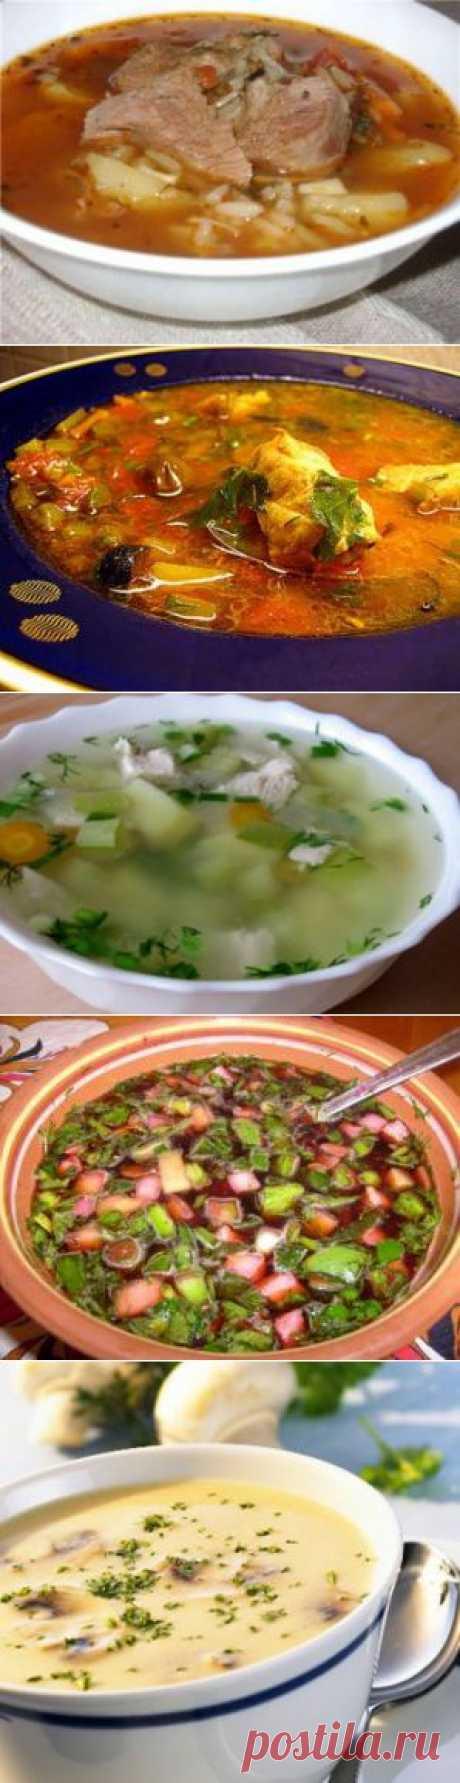 Первые блюда - Кулинарные рецепты / Домашний ресторан